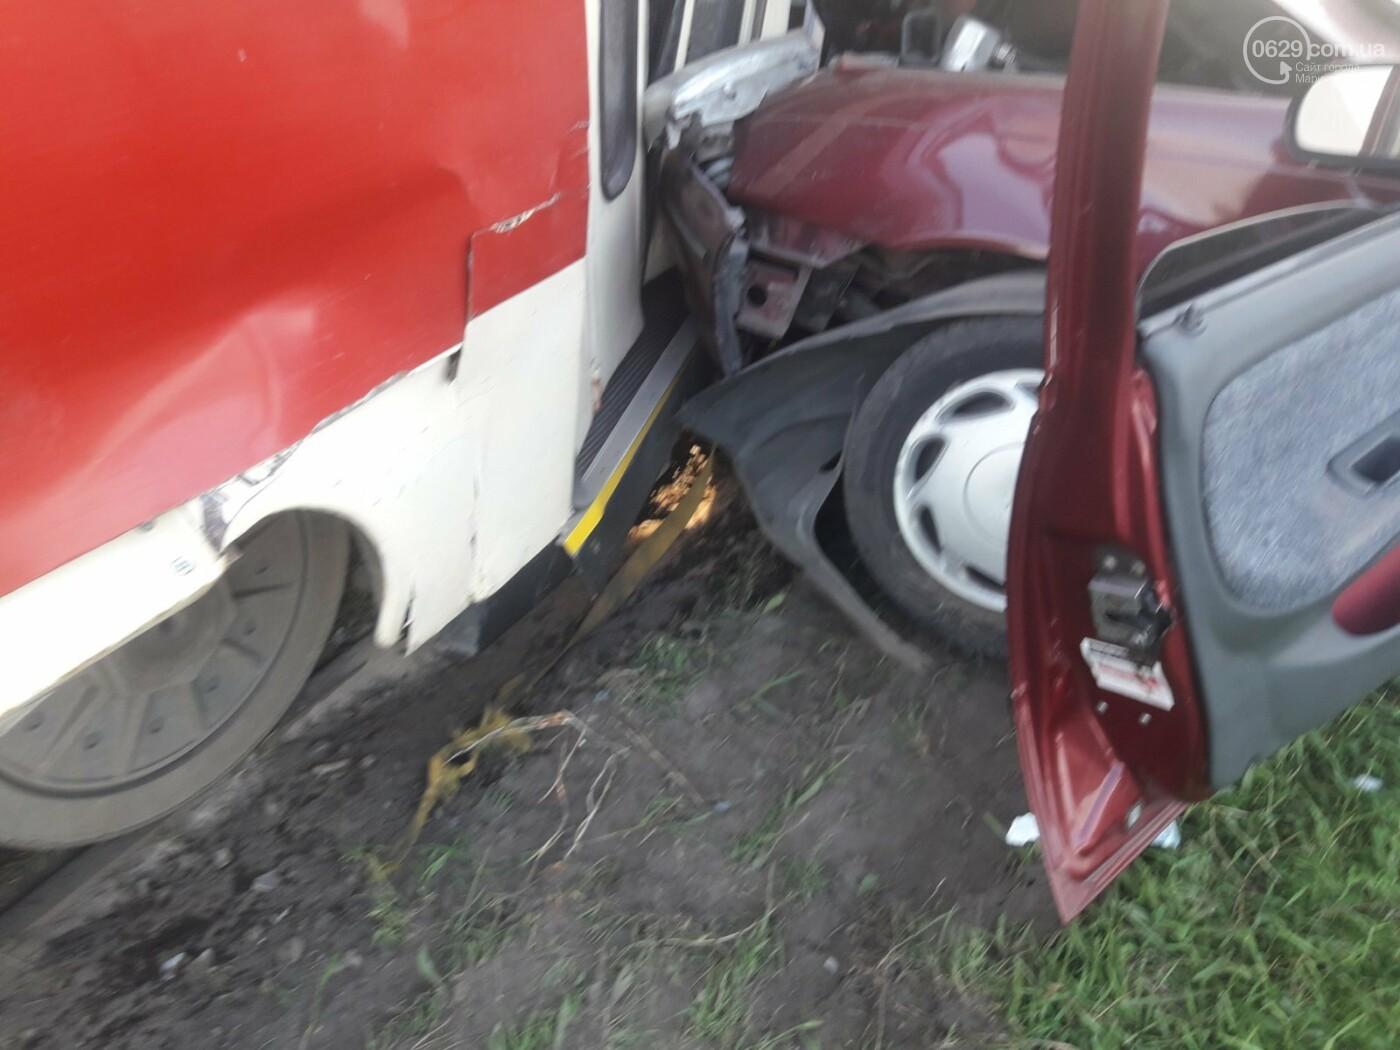 В Мариуполе Daewoo влетел в трамвай. Водитель легковушки серьезно пострадал, - ФОТО, фото-6